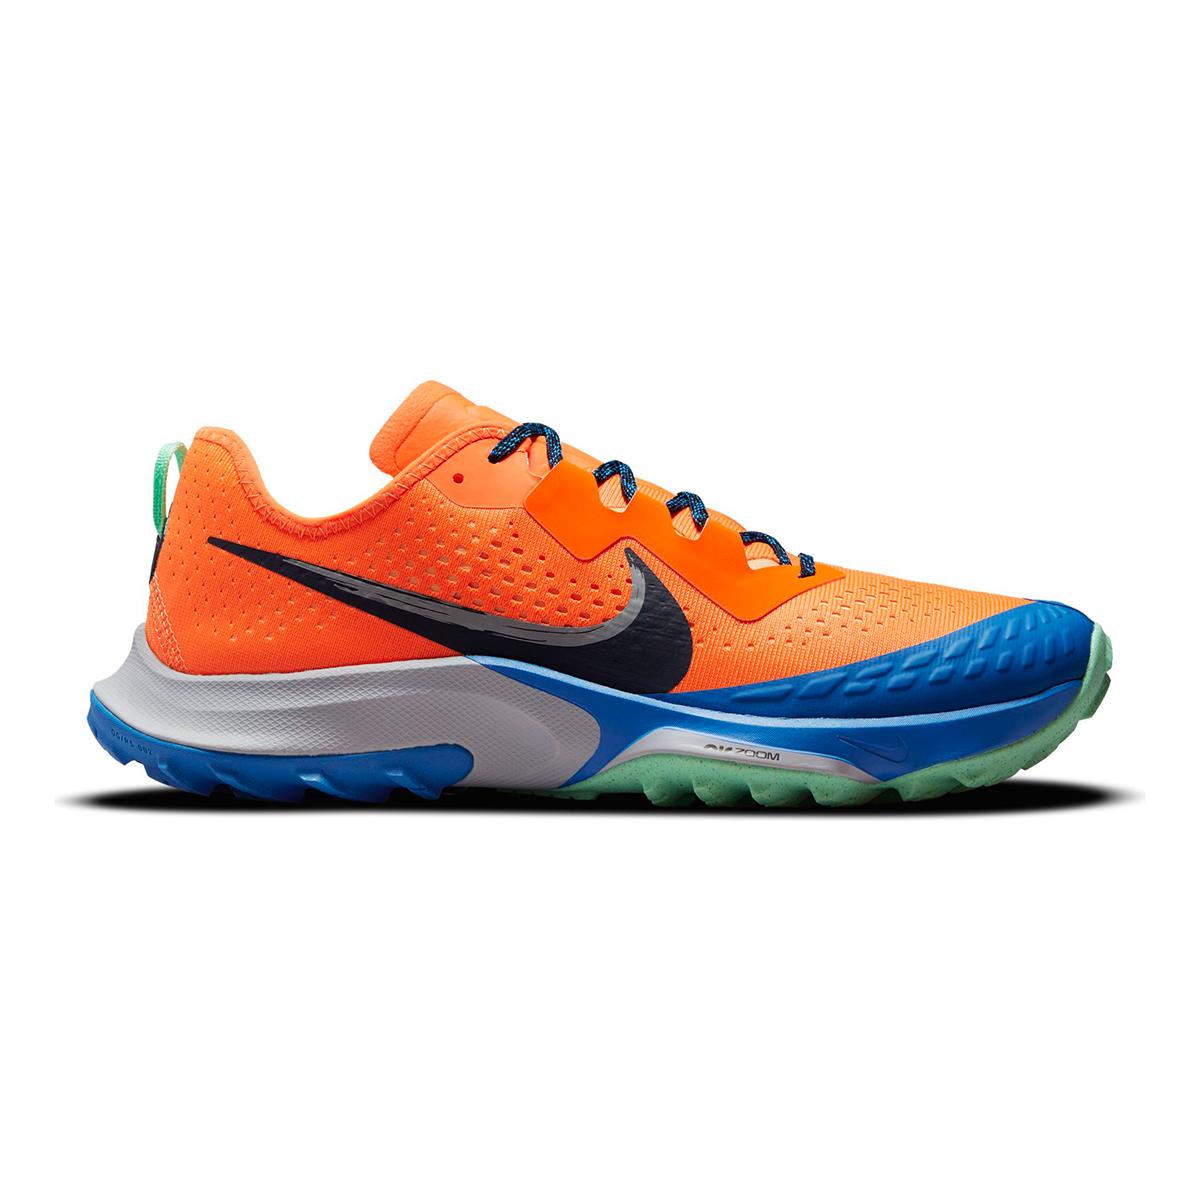 Men's Nike Air Zoom Terra Kiger 7 Trail Running Shoe - Color: Total Orange/Obsidian/Signal Blue - Size: 6 - Width: Regular, Total Orange/Obsidian/Signal Blue, large, image 1